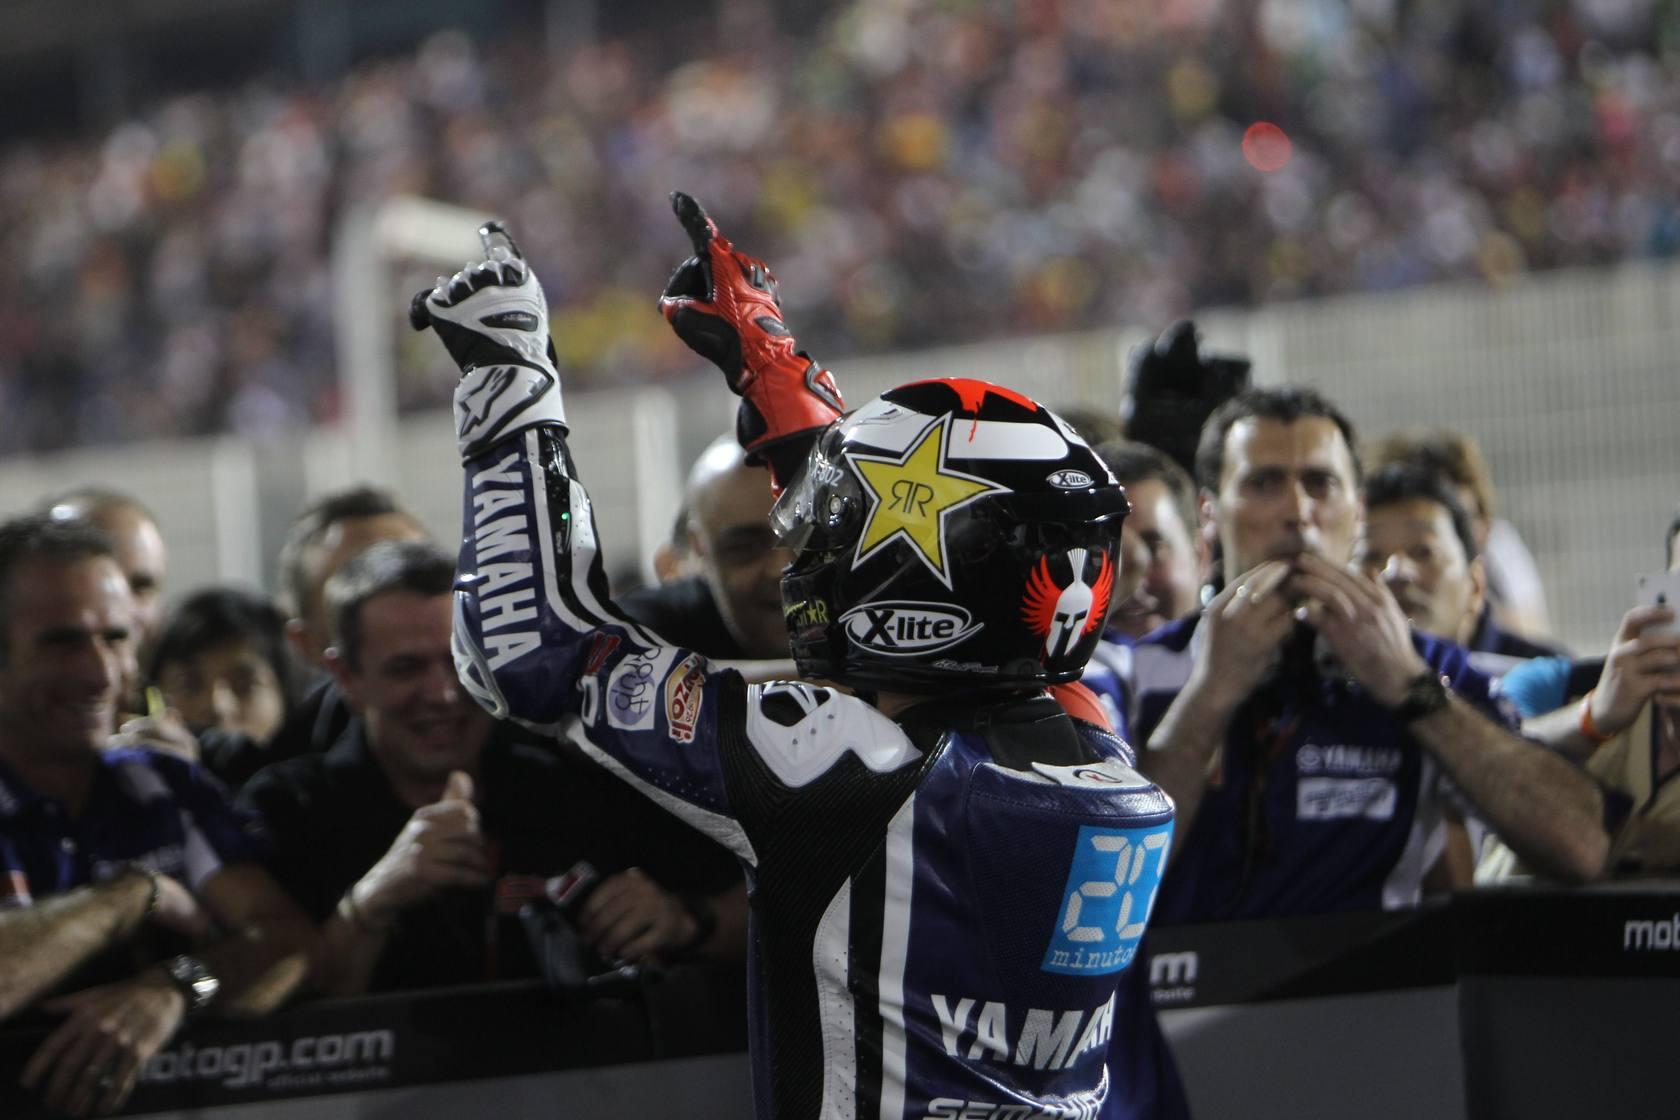 Lorenzo lidera un pleno de victorias españolas en Catar